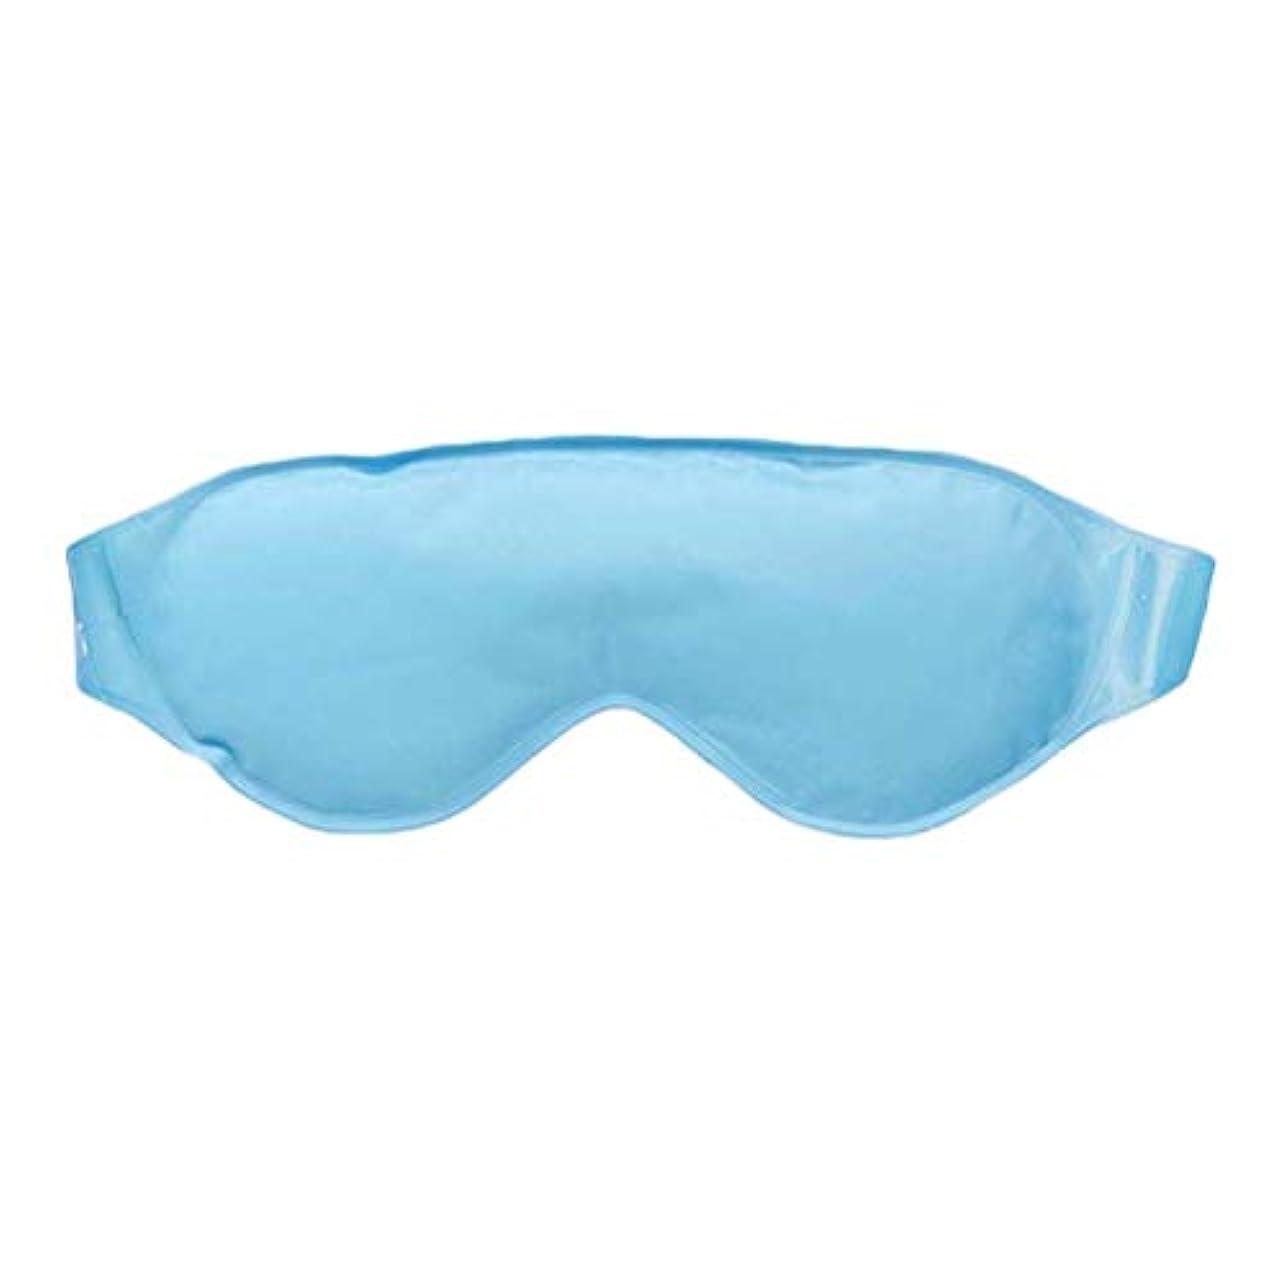 ダッシュ仮装ケントSUPVOX アイスフェイス物理的冷却アイマスクアイスコンプレッションバッグアイレリーフマスク(ブルー)